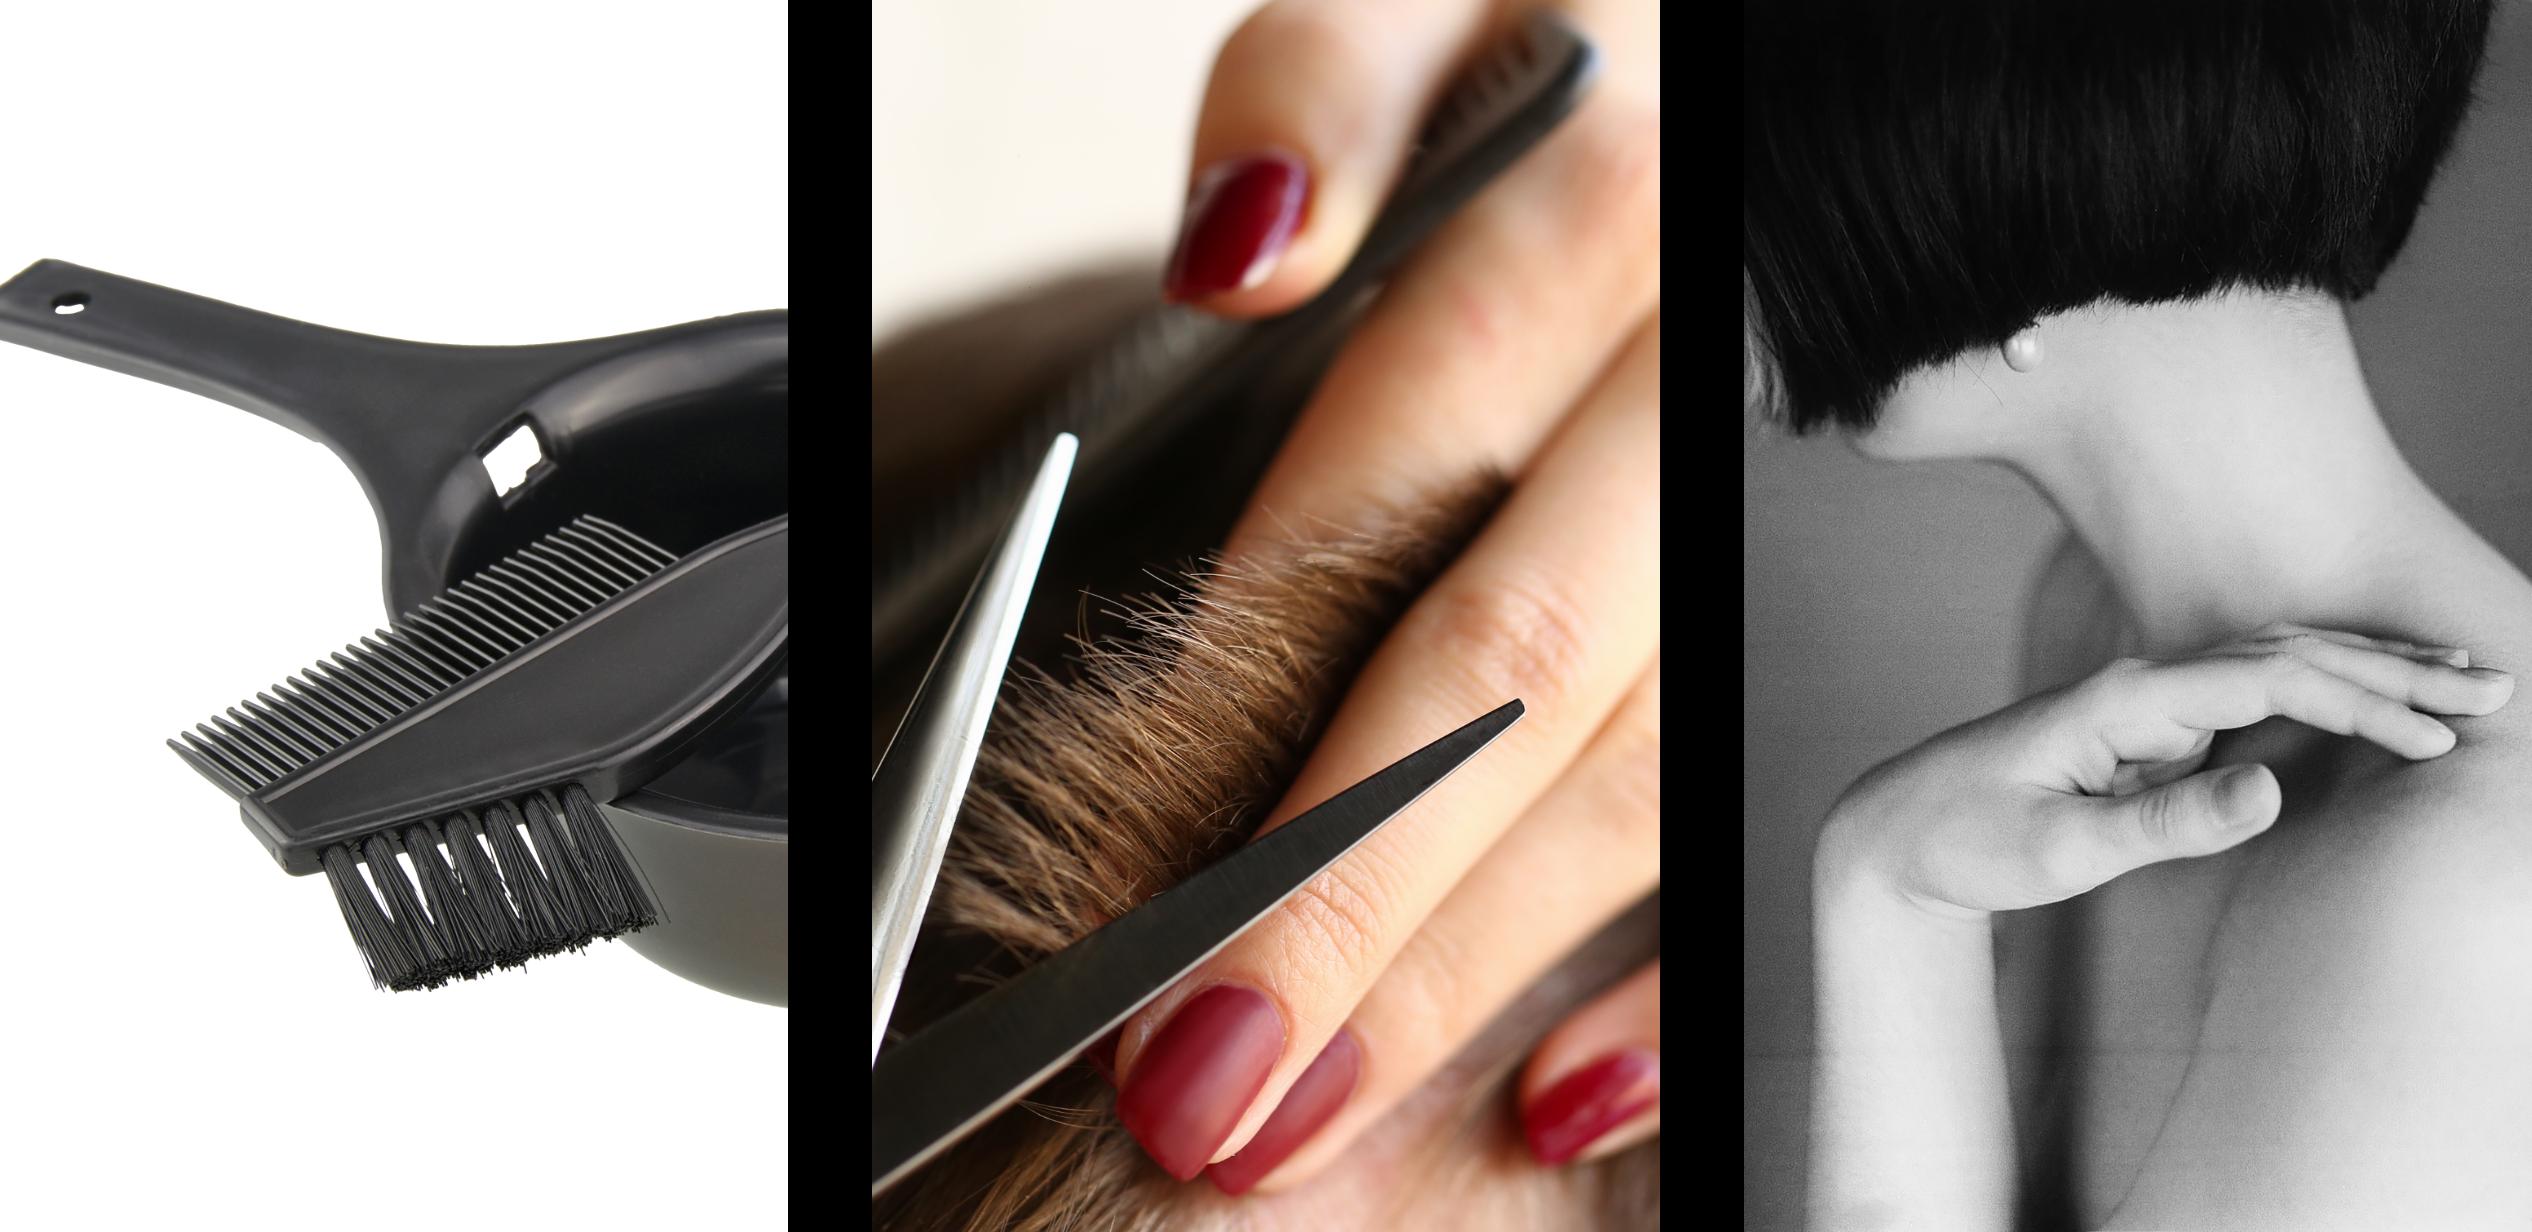 hair salon services pictures